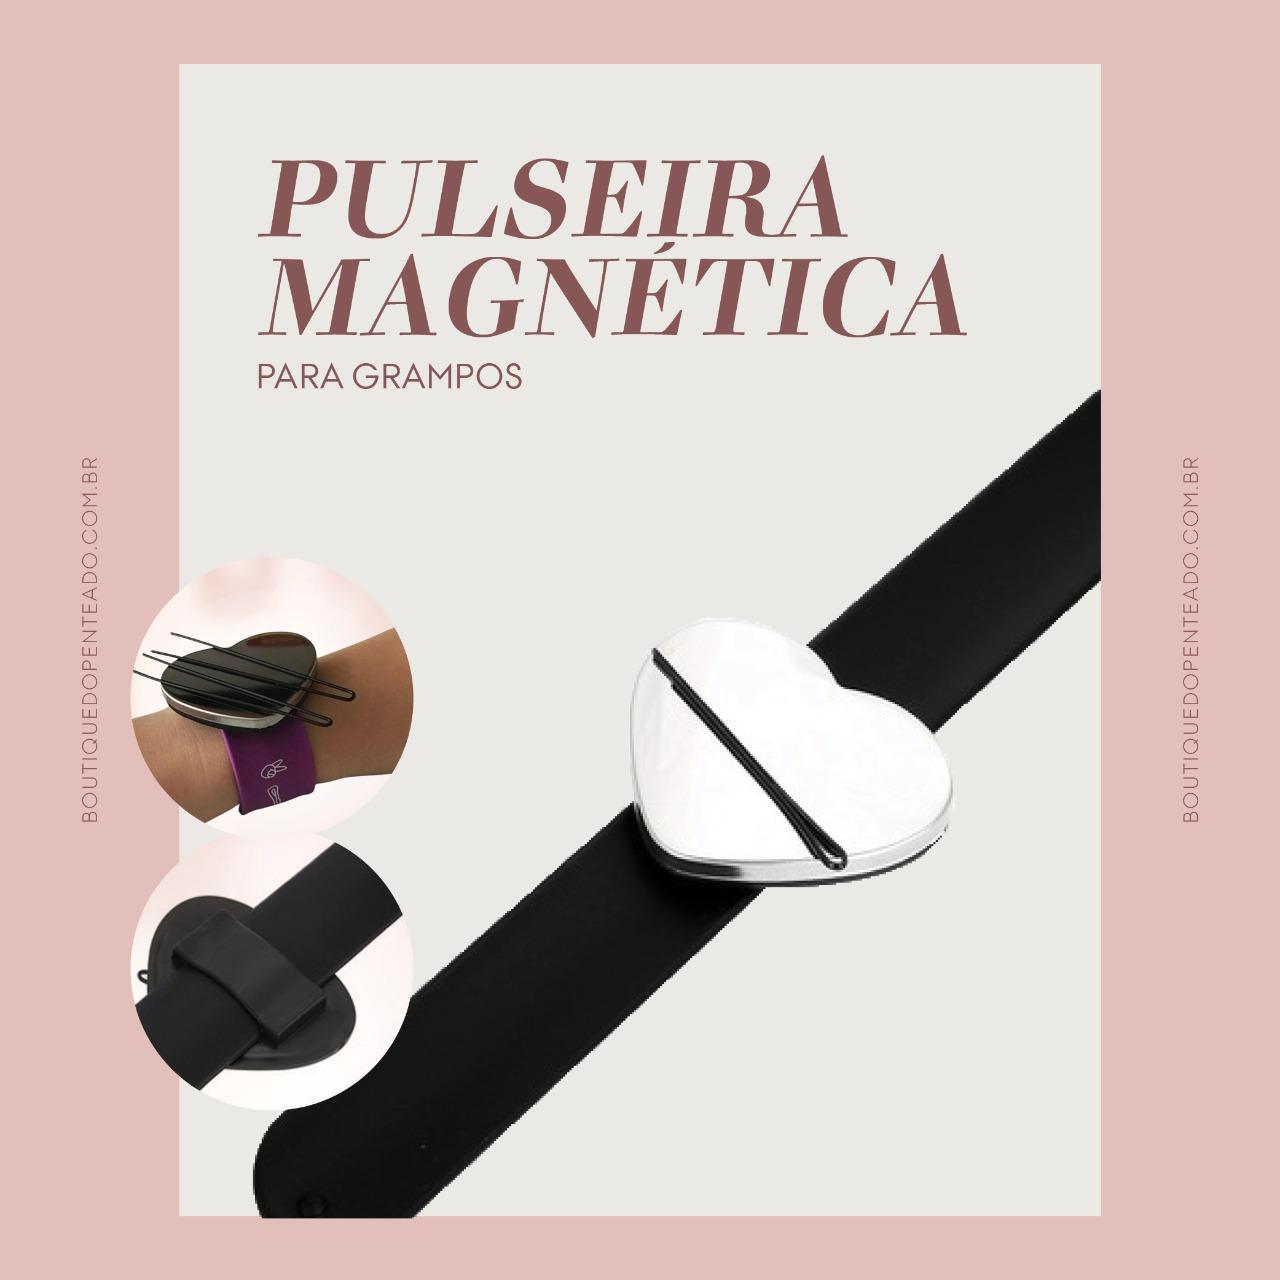 PULSEIRA MAGNETICA PARA GRAMPOS - UN